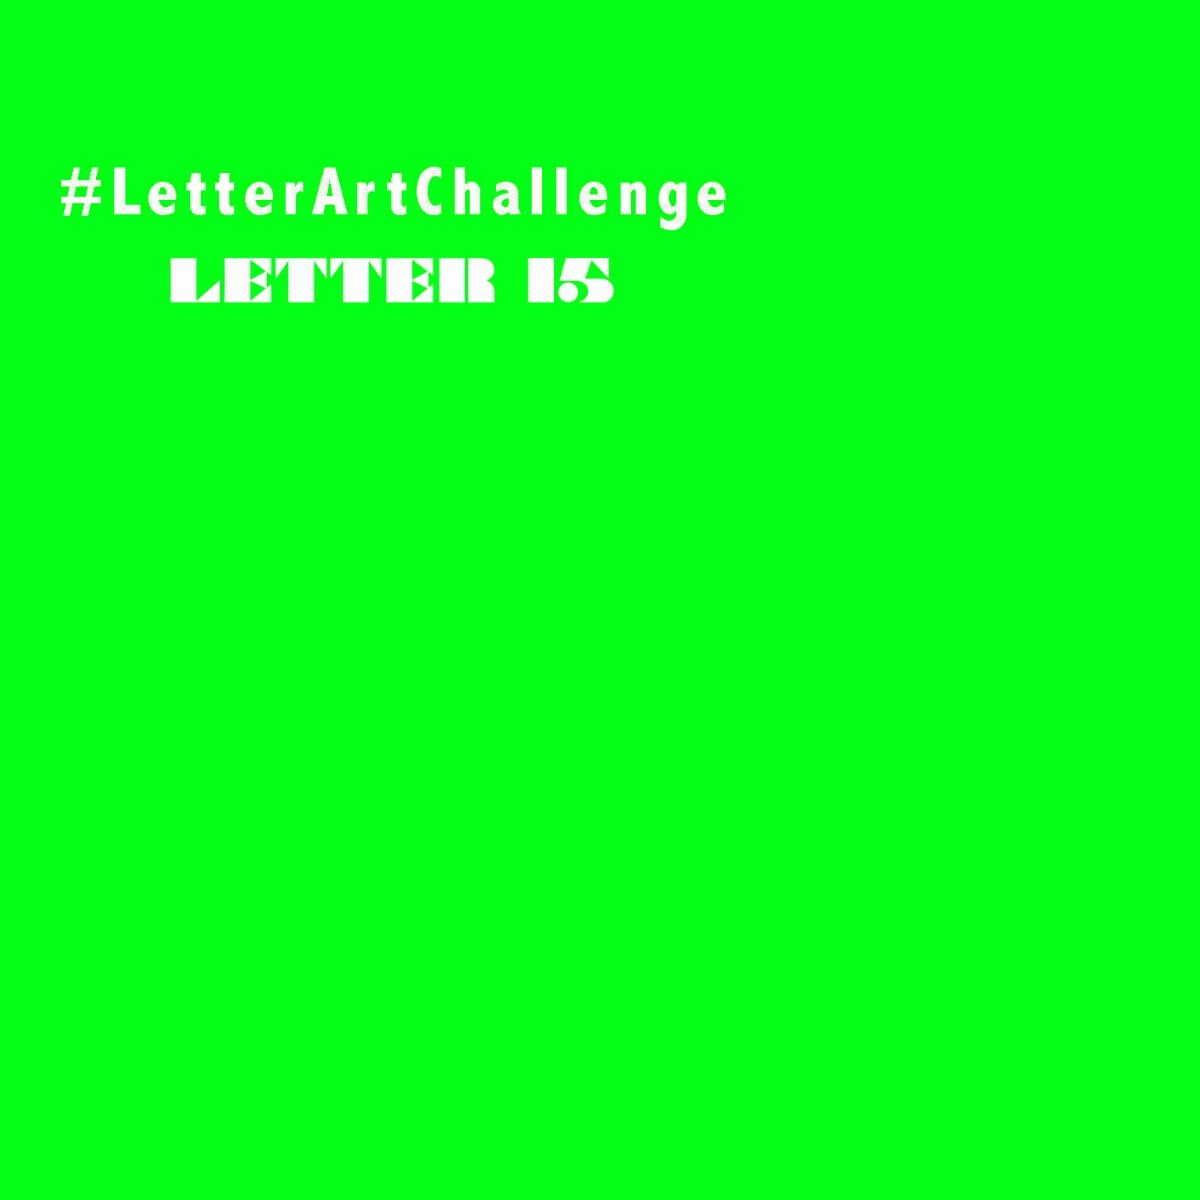 Letter Art Challenge - Letter 15